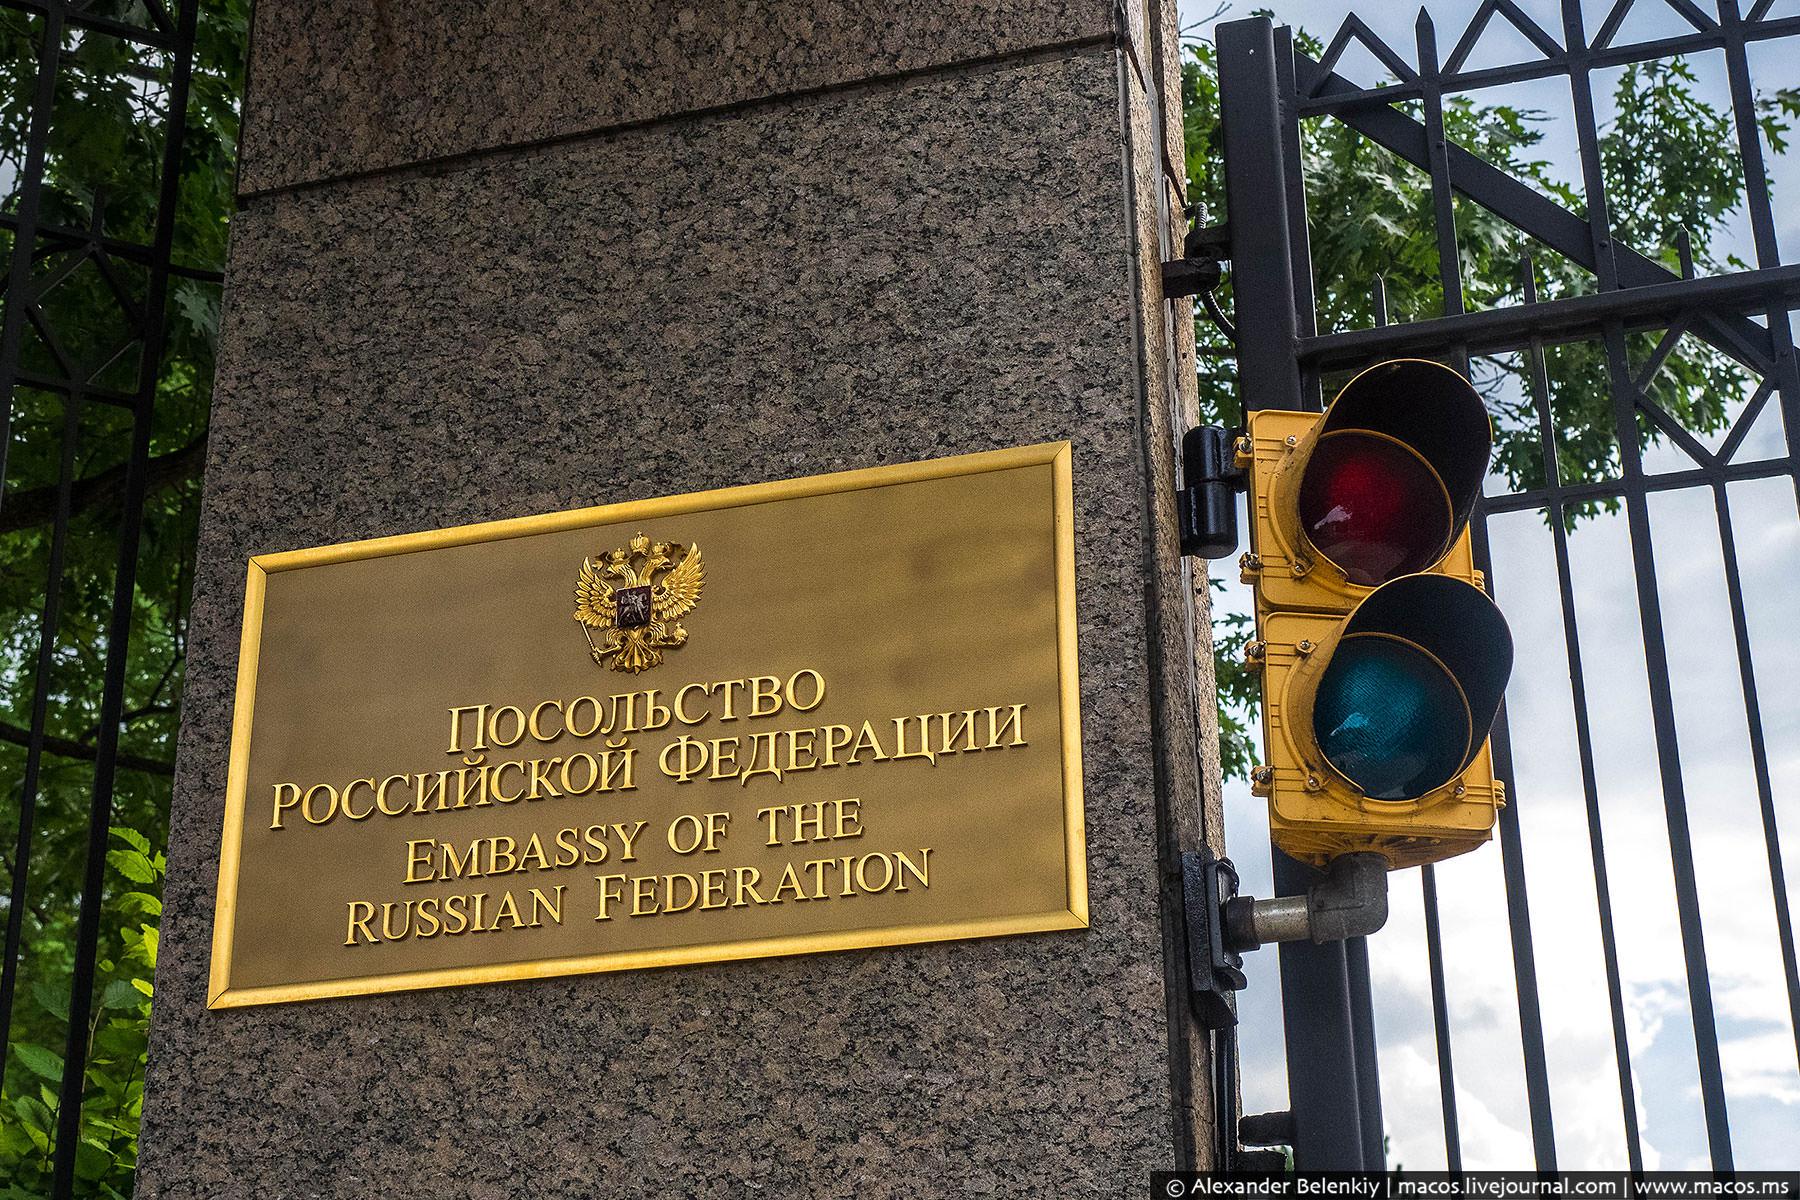 Ну а мы посетим два больших квадратных здания, их называют представительскими. Гражданину России поп